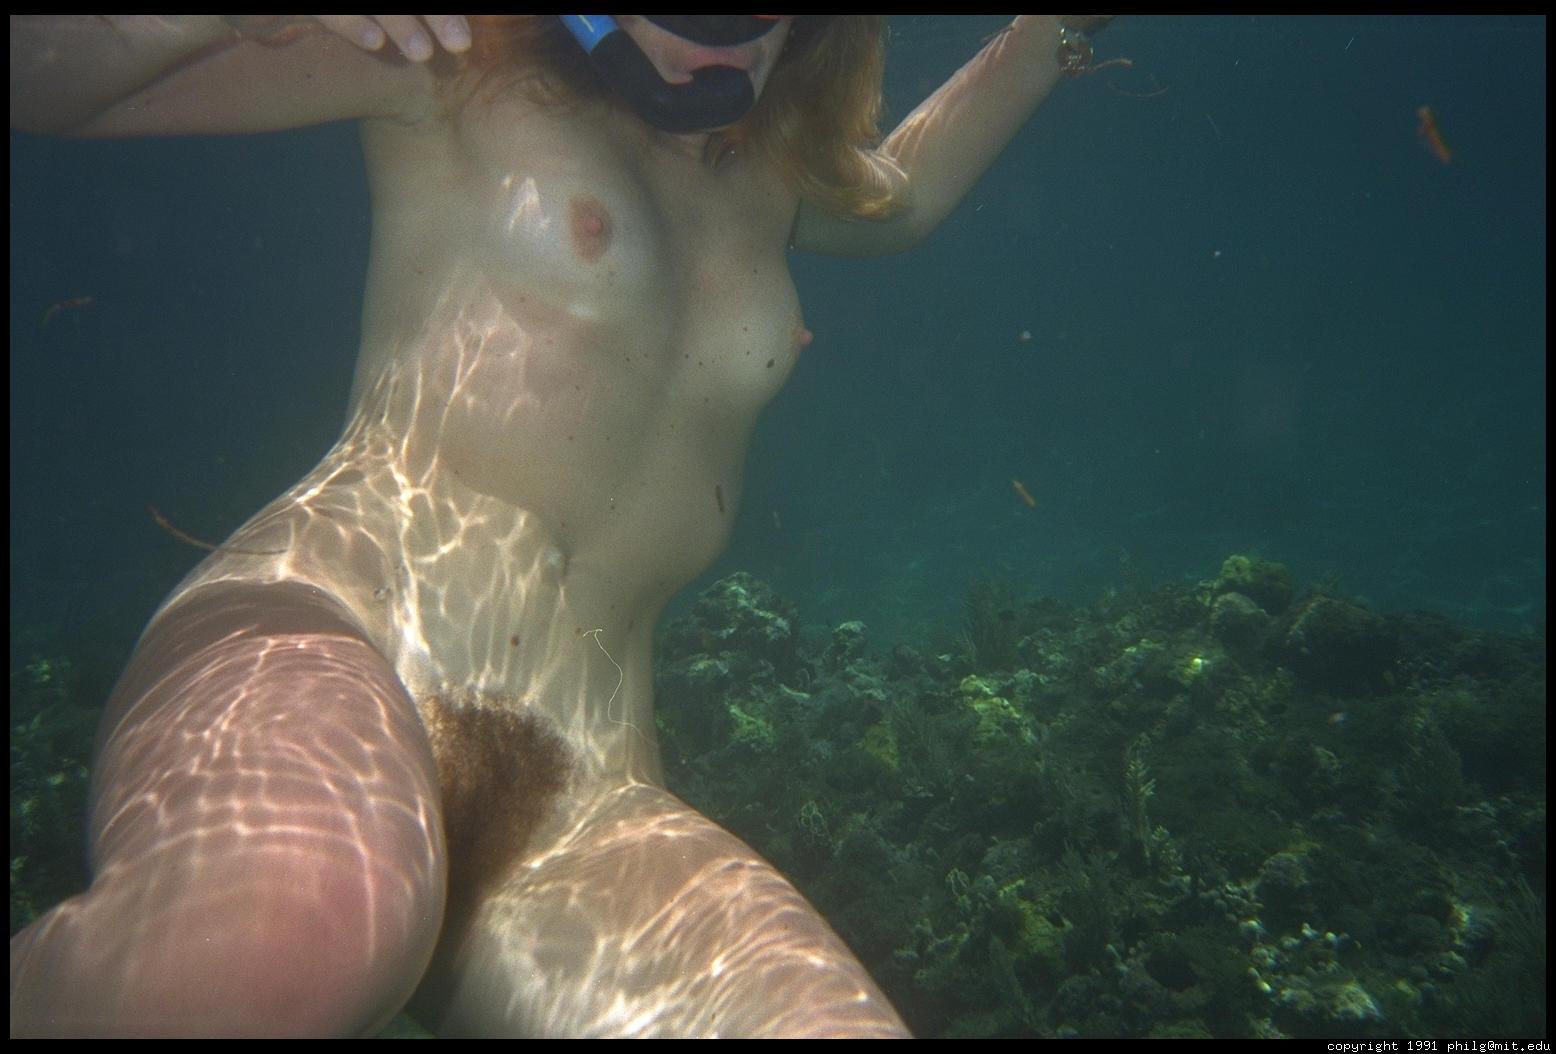 частные фотографии голых женщин под водой - 9